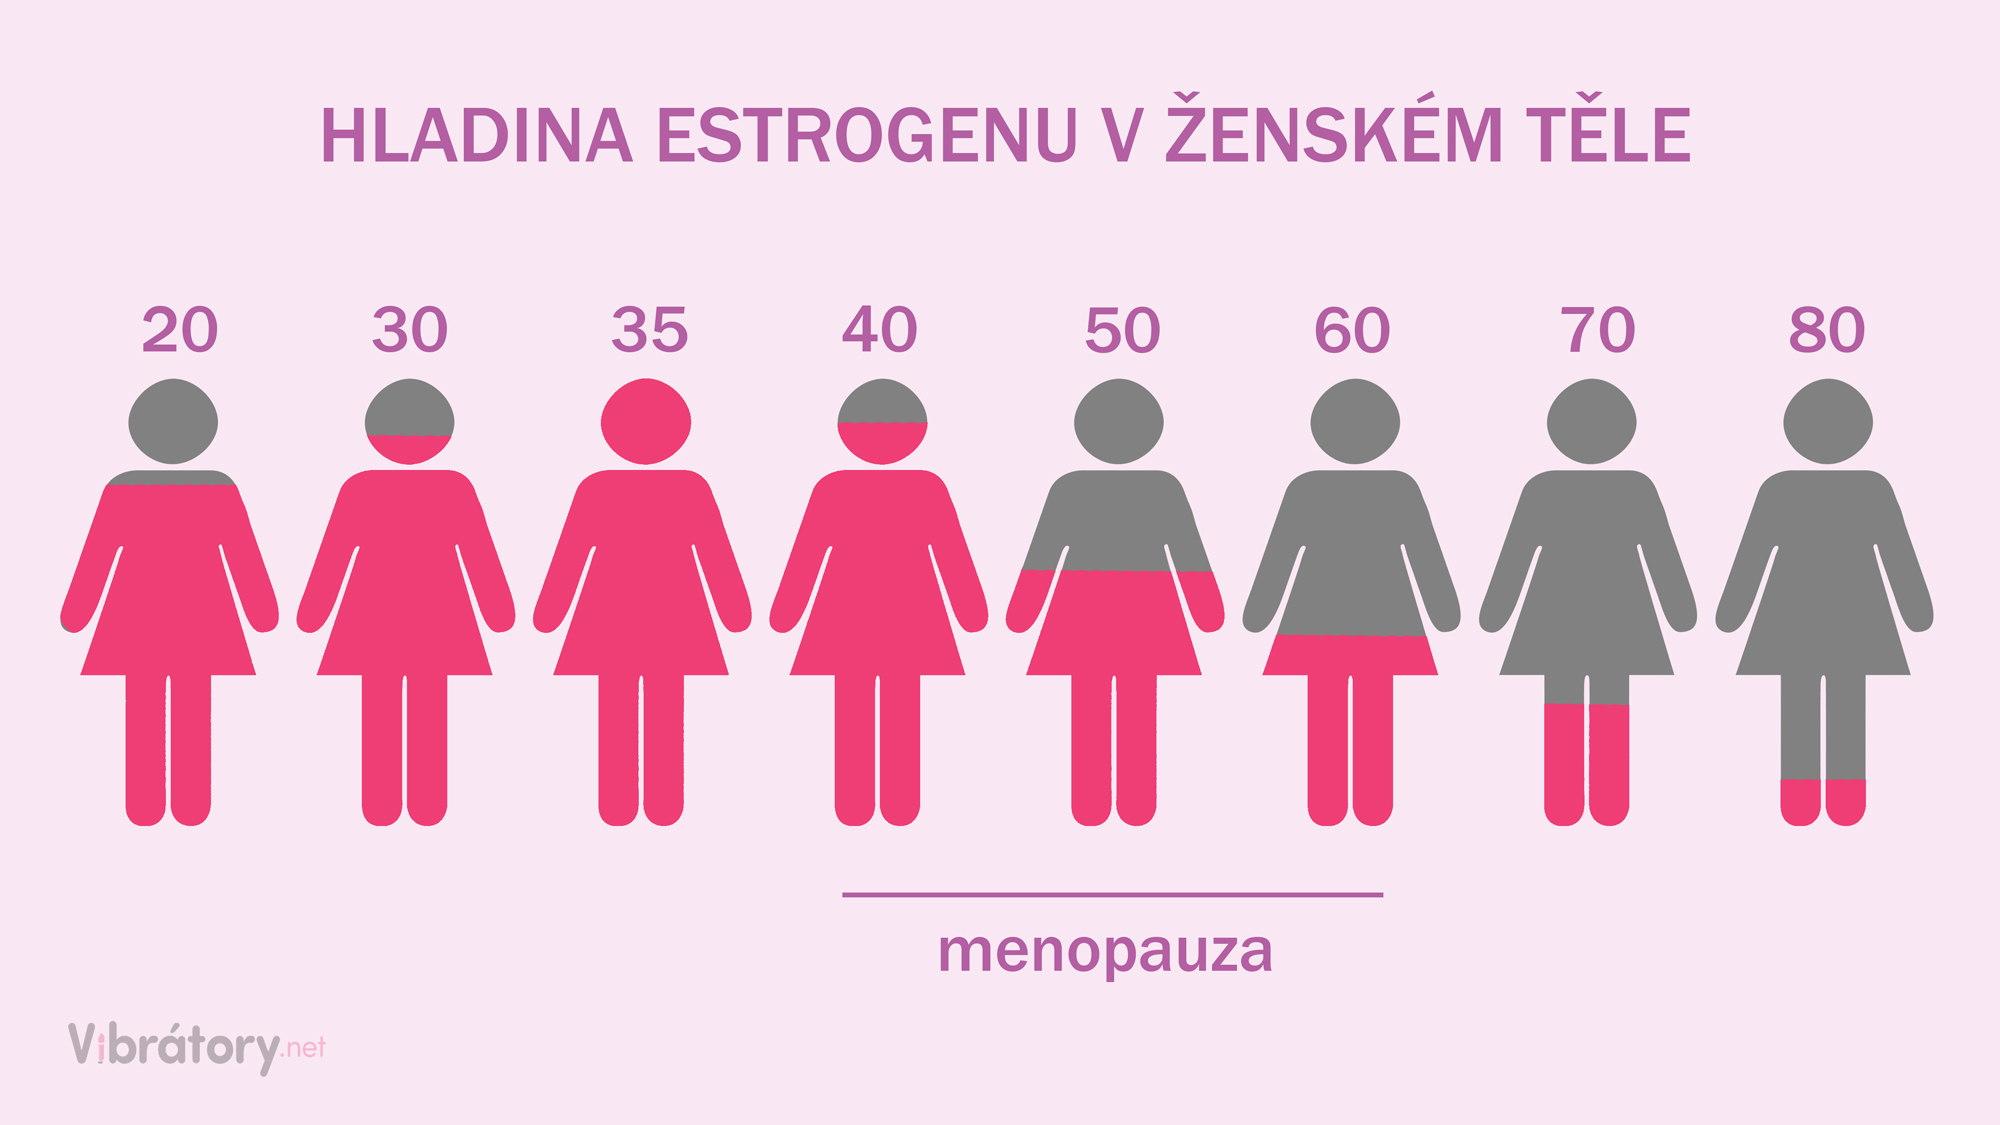 Závislost hladiny esztrogenu na věku ženy - graf